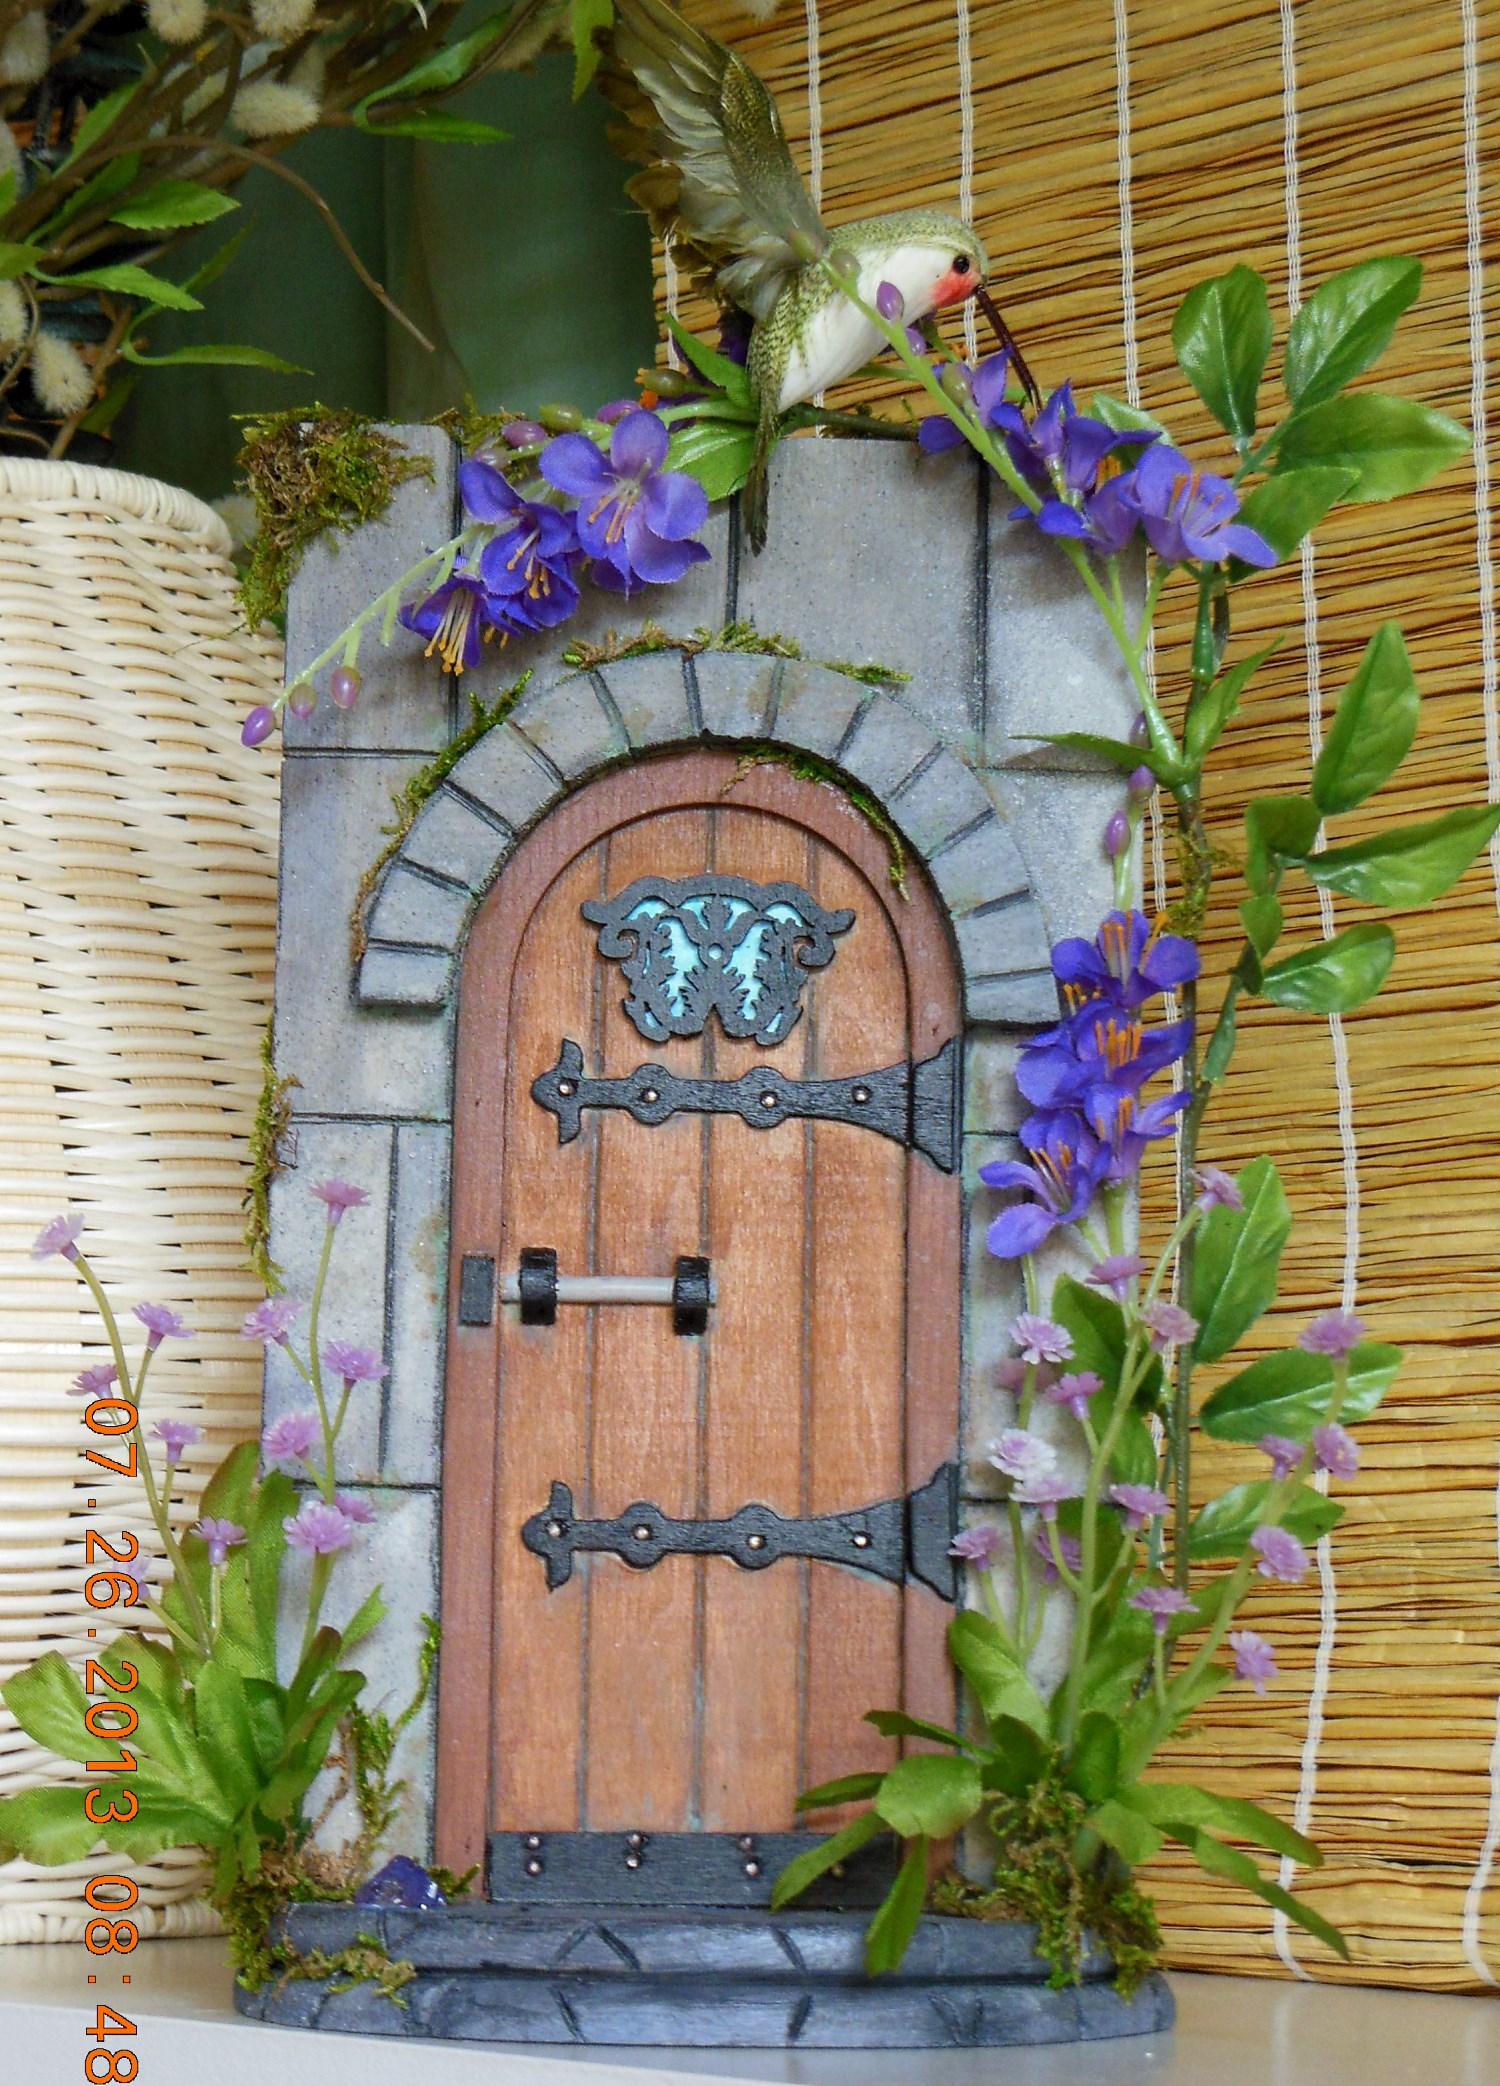 Tony powell my window for Idea behind fairy doors